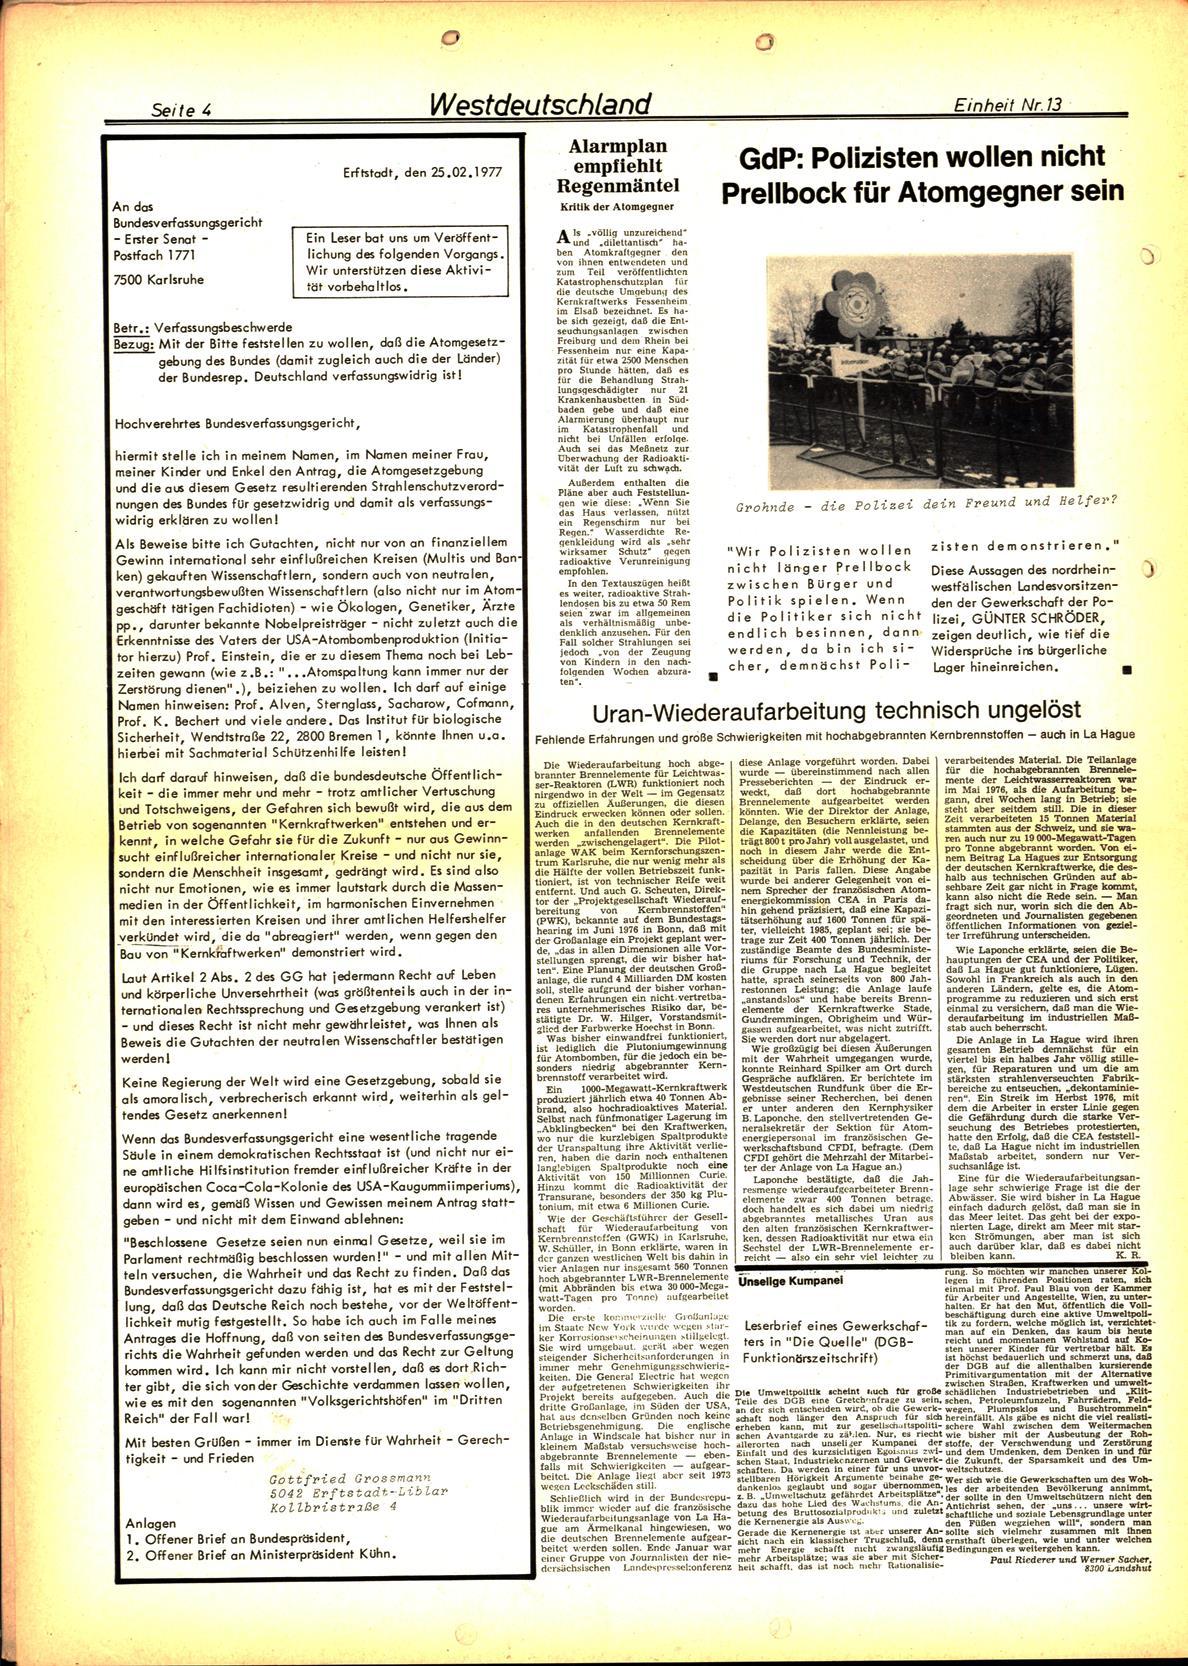 Koeln_IPdA_Einheit_1977_013_004